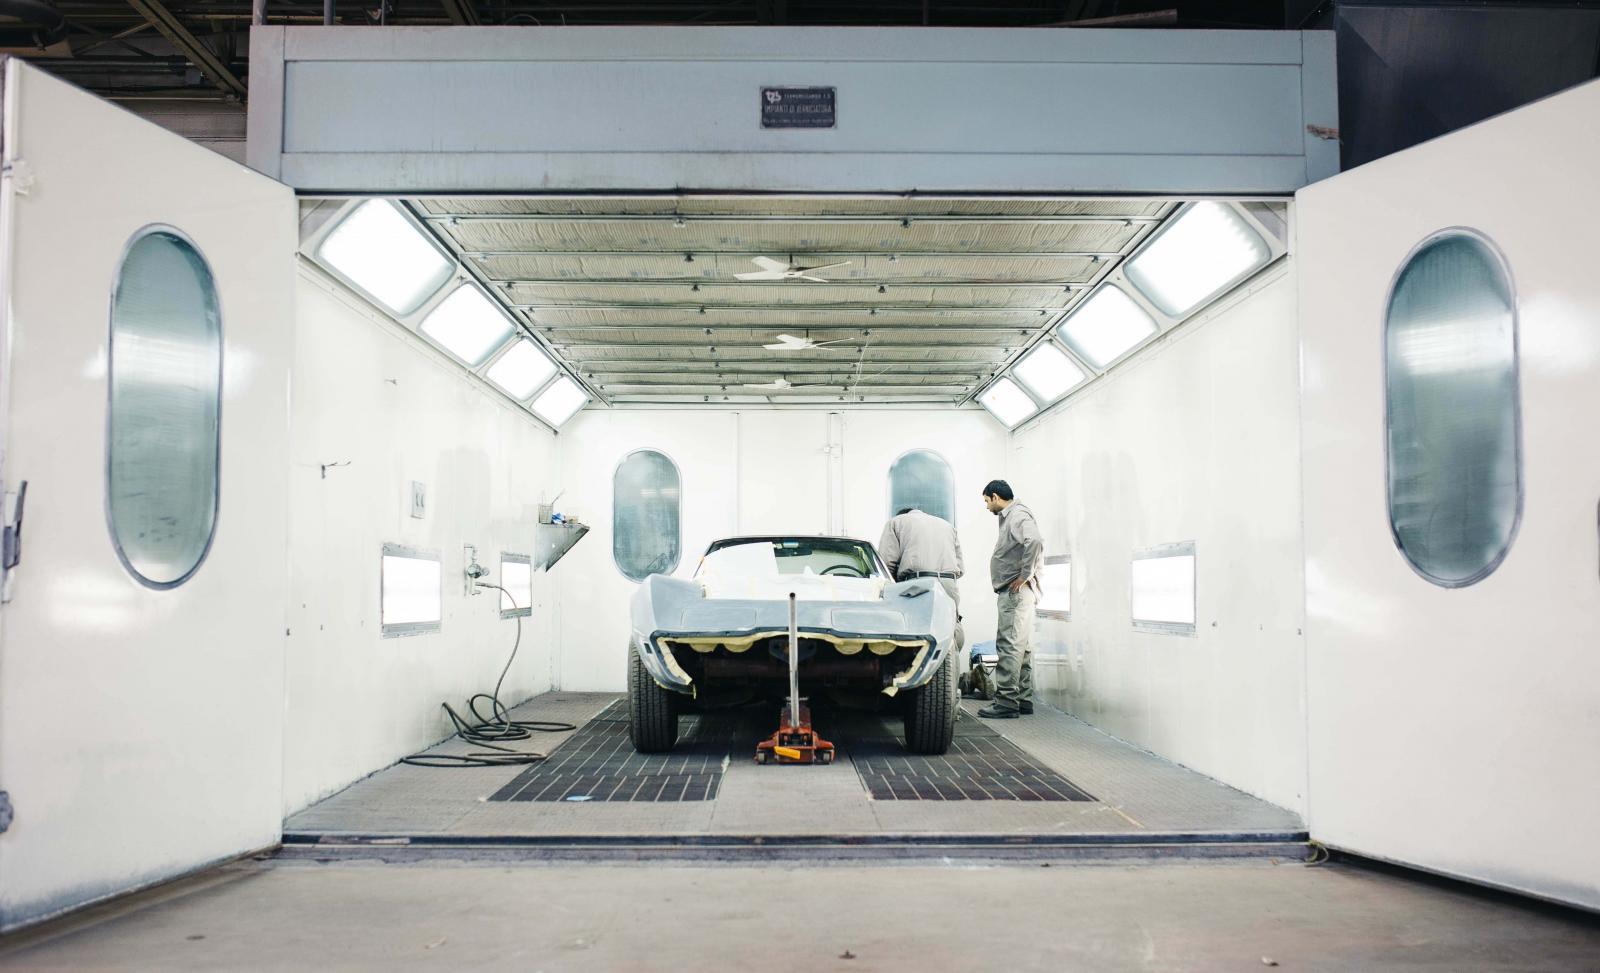 El proceso de pintura automotriz utiliza mucha agua